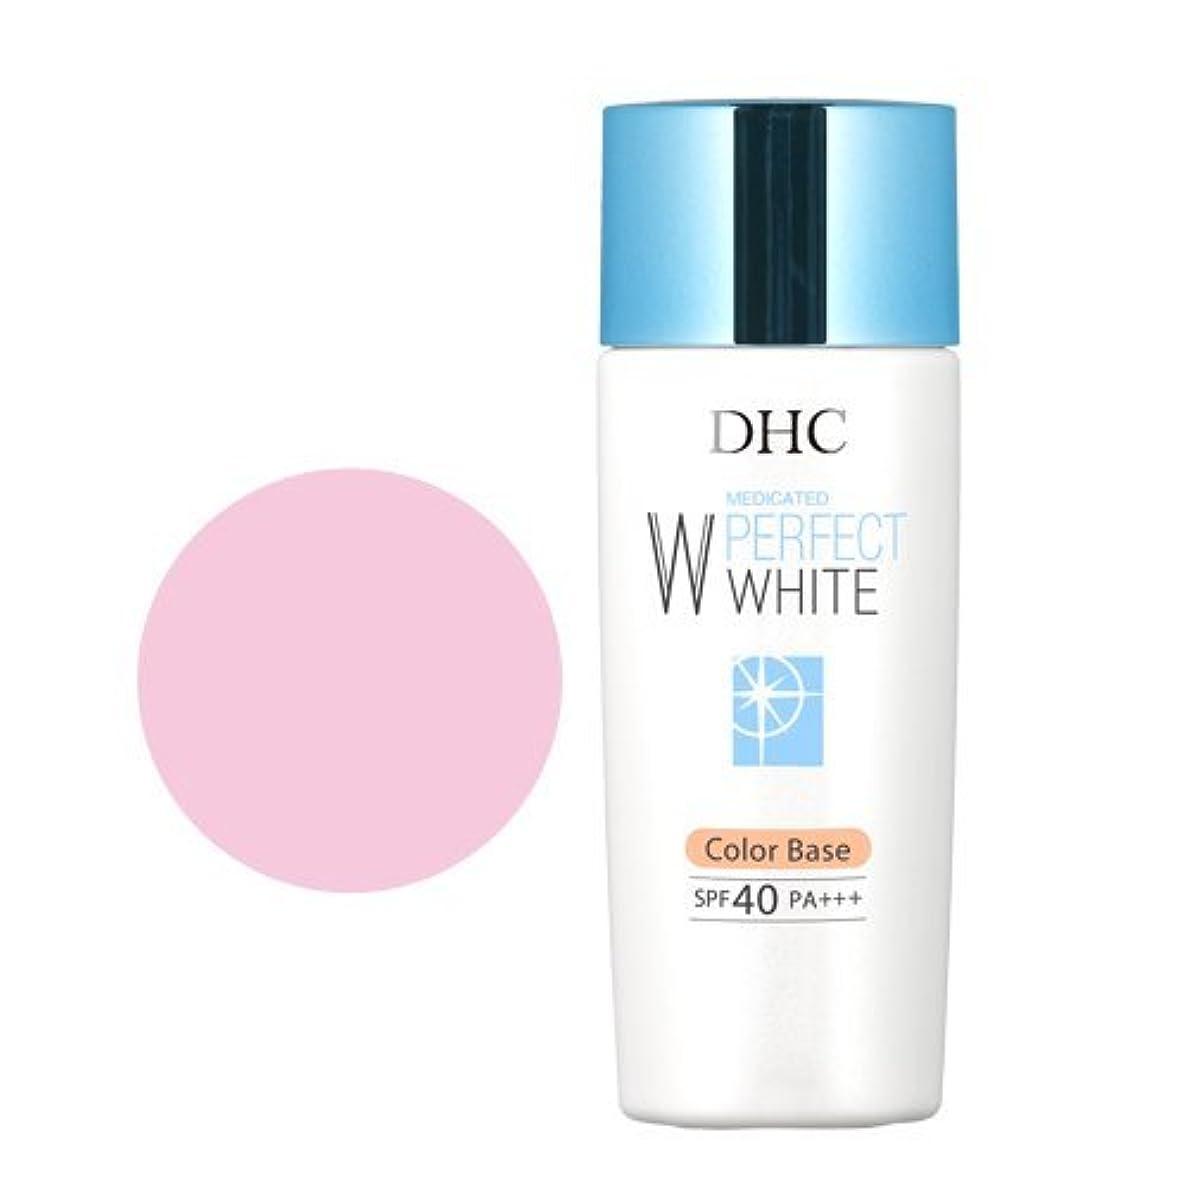 発掘するスモッグウィンク【医薬部外品】DHC薬用PW カラーベース【SPF40?PA+++】(ピンク)